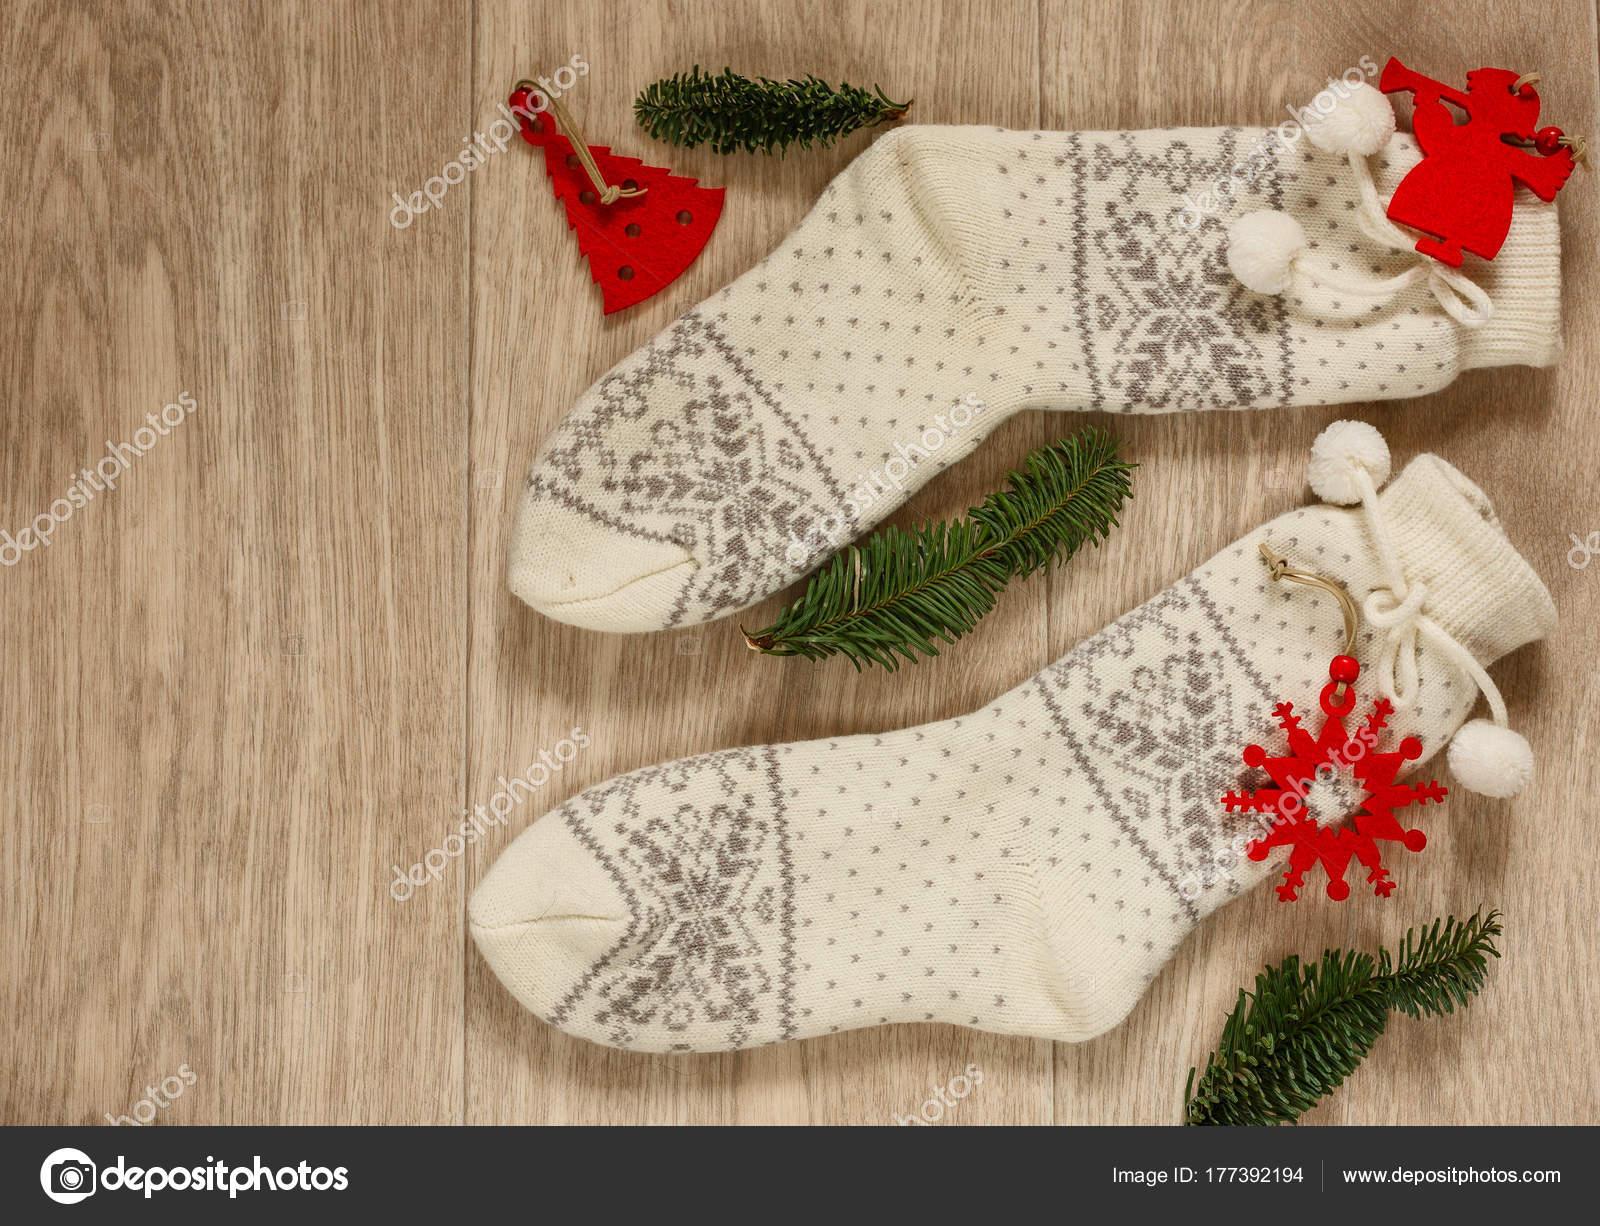 Weiße Weihnachten Hausschuhe. Ansicht von oben. Hygge Stil ...